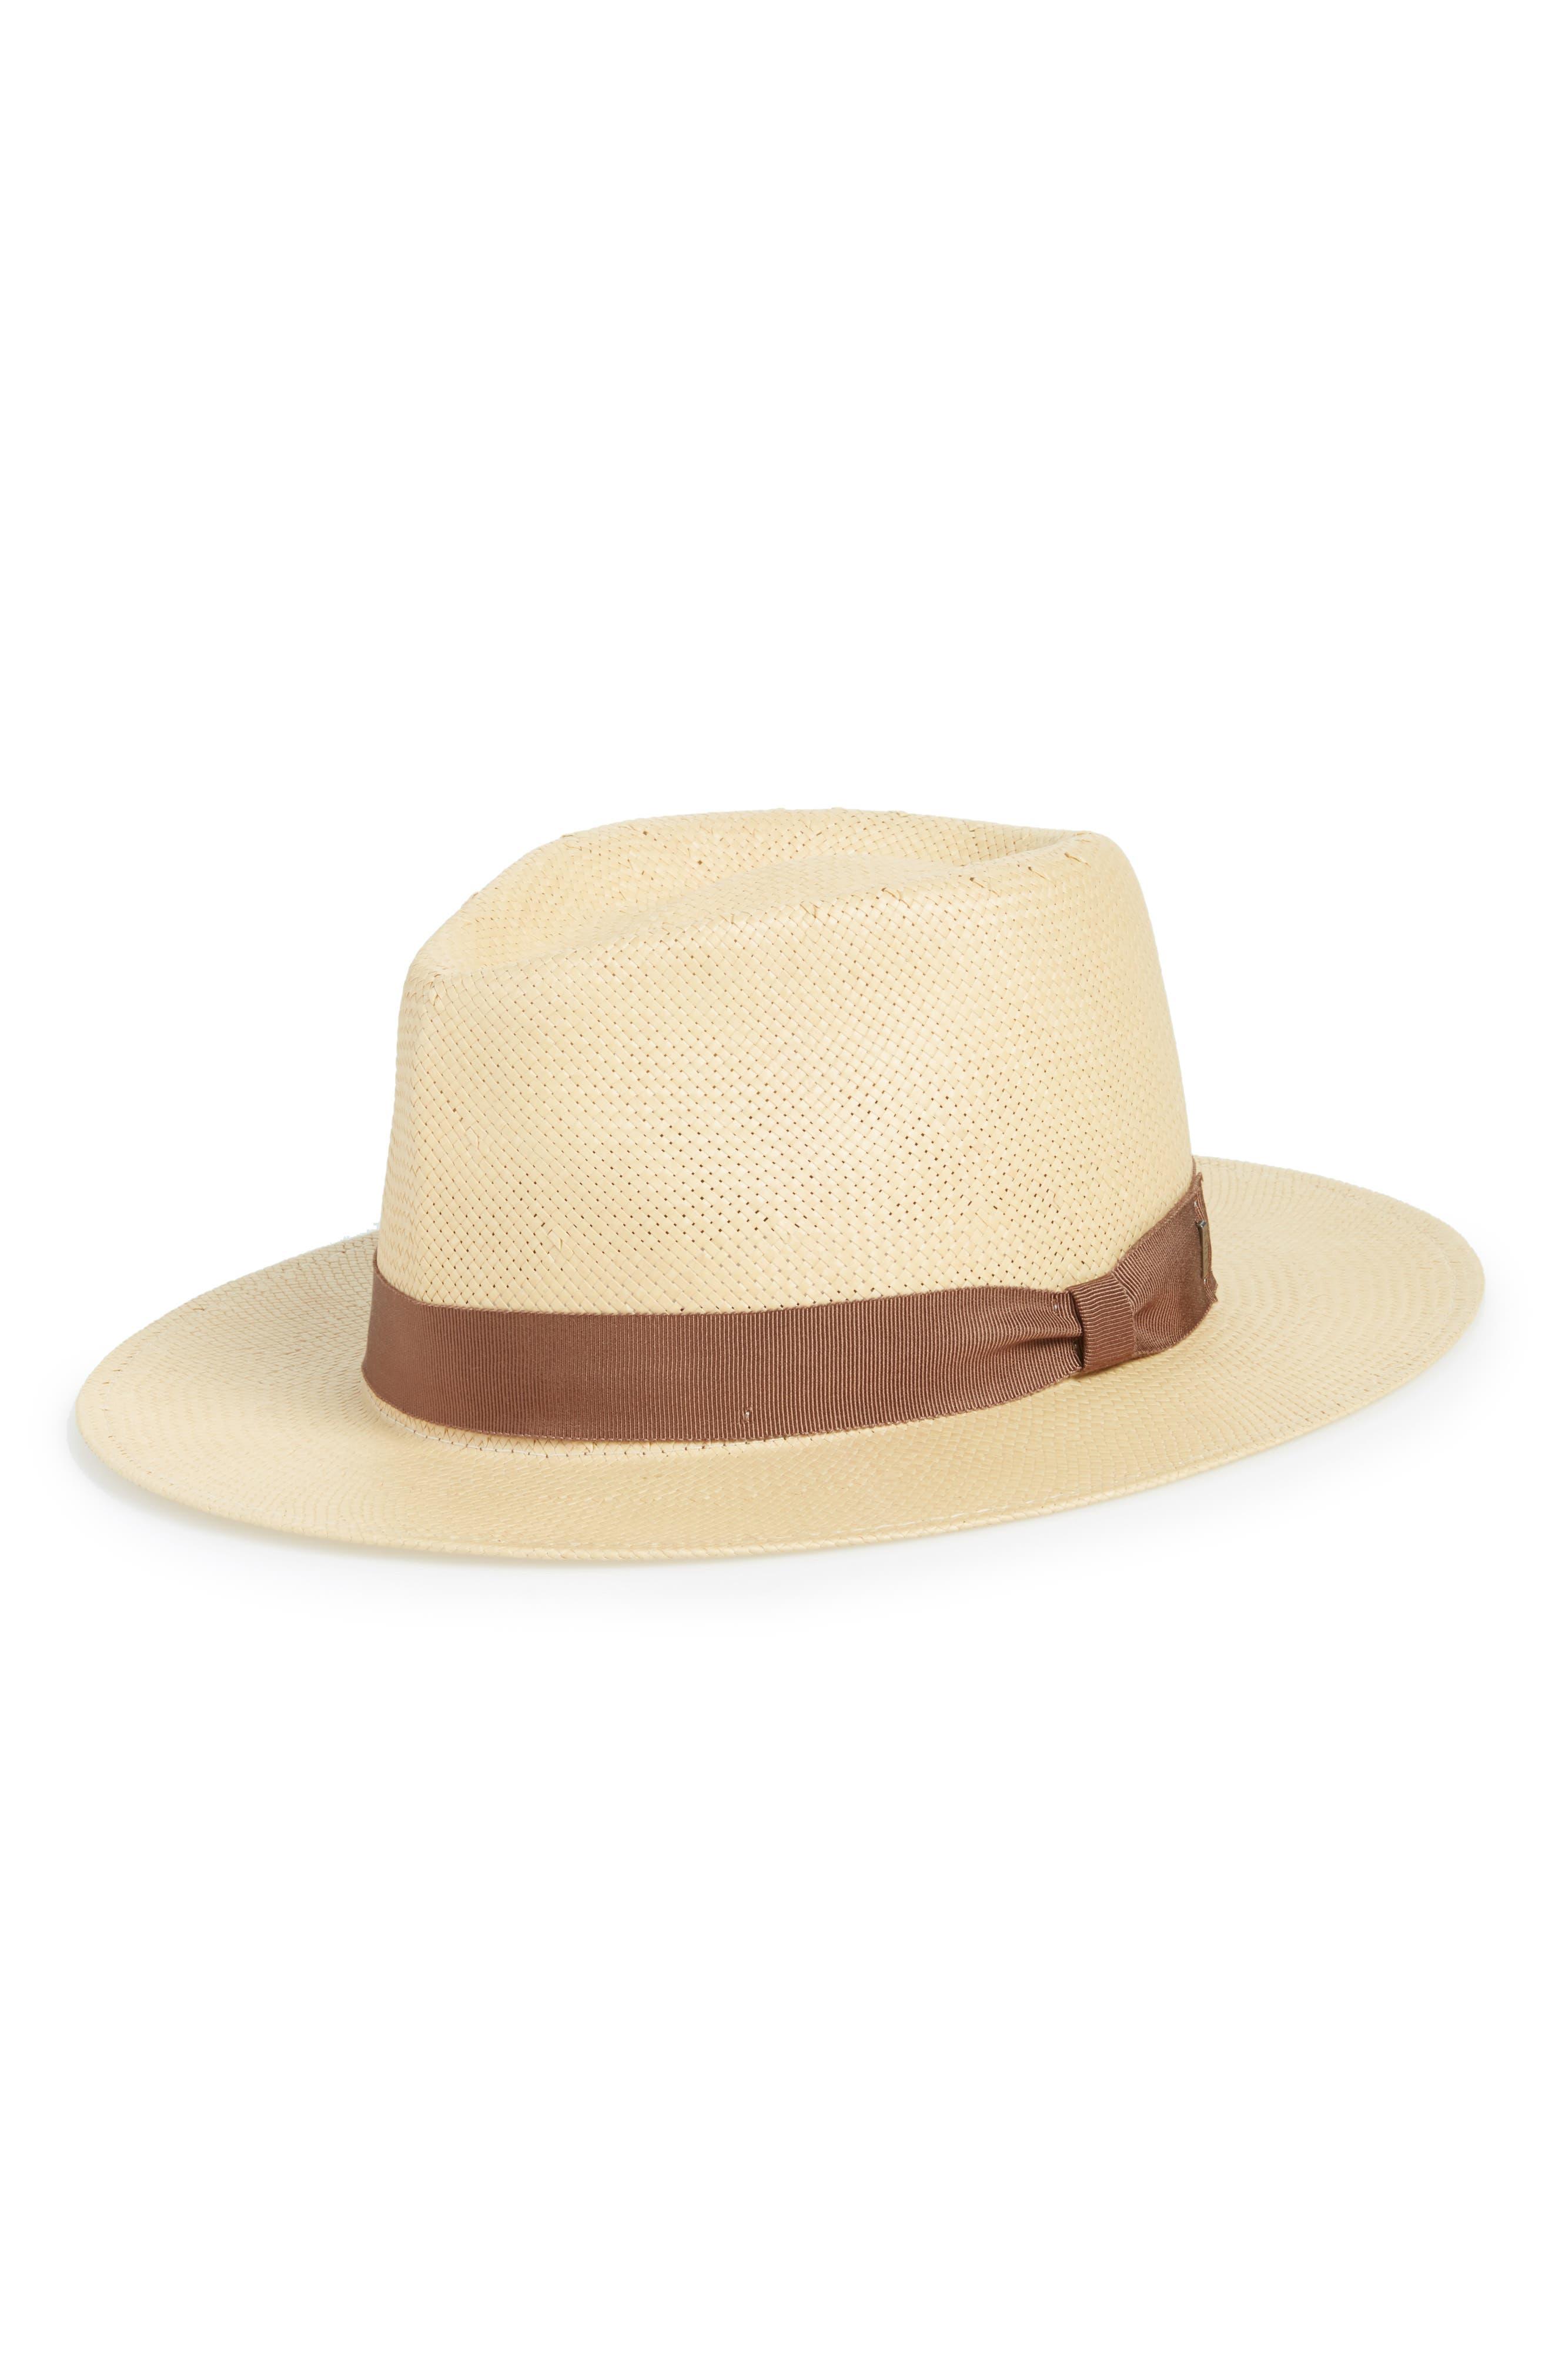 Pencer Straw Panama Hat,                             Main thumbnail 1, color,                             Sandbar